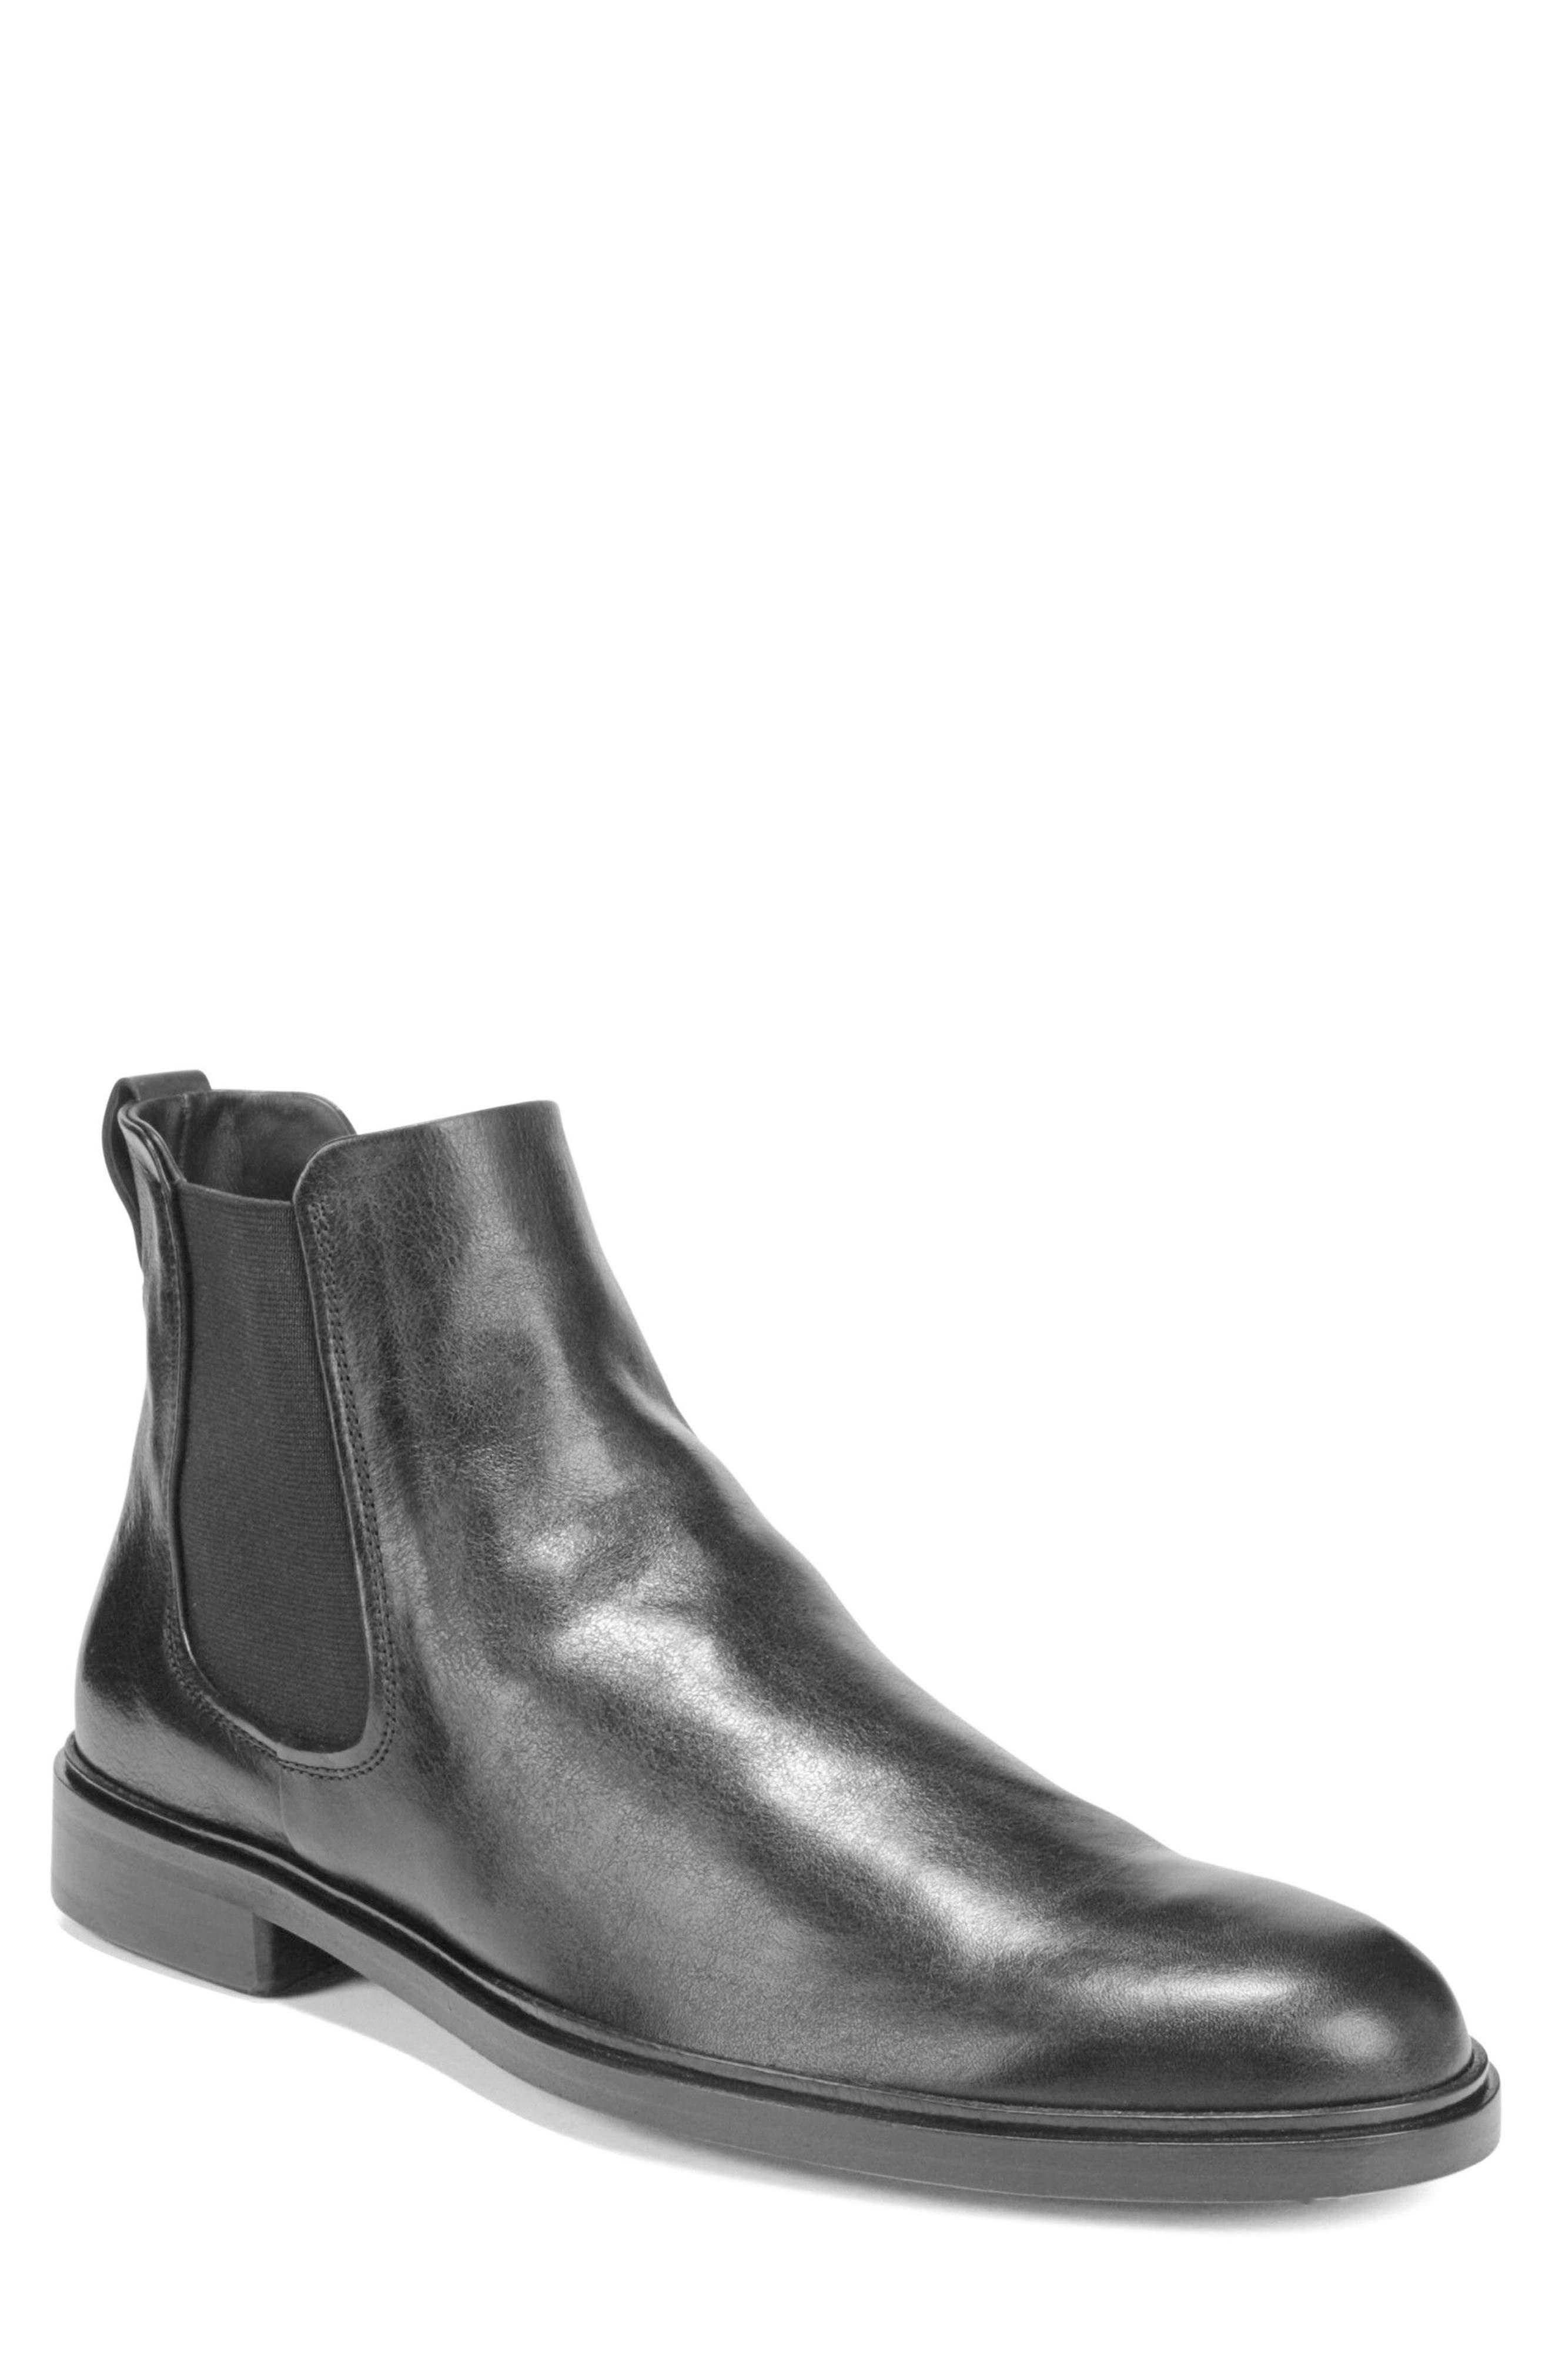 VINCE, Burroughs Chelsea Boot, Main thumbnail 1, color, BLACK